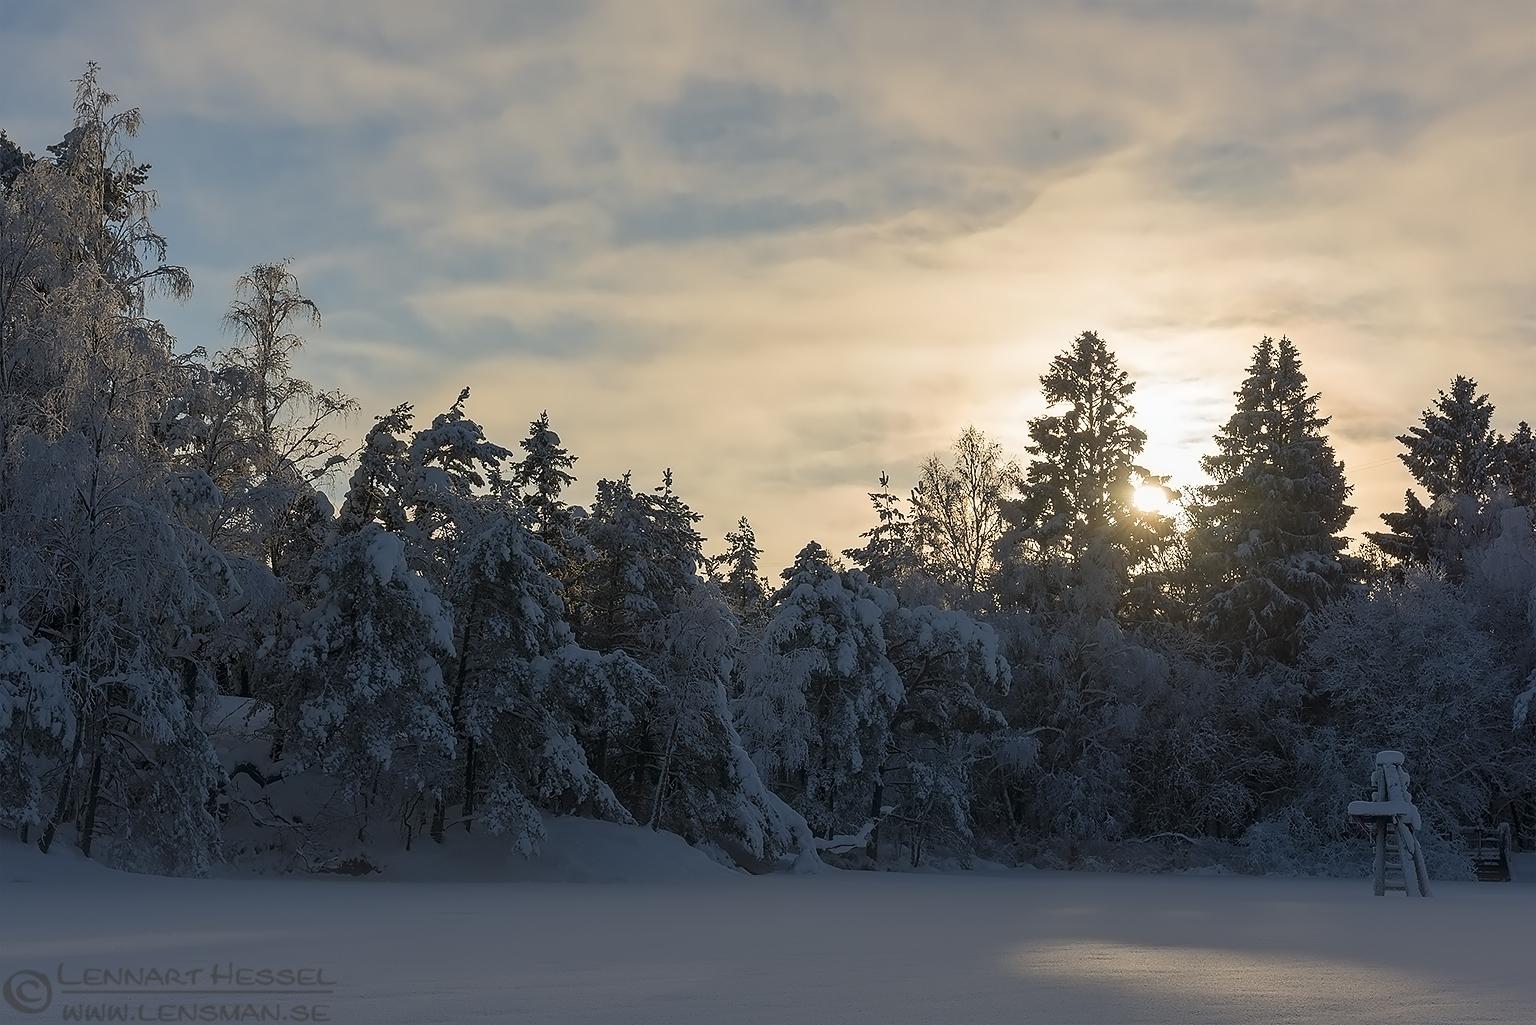 Winter sun at Surtesjön